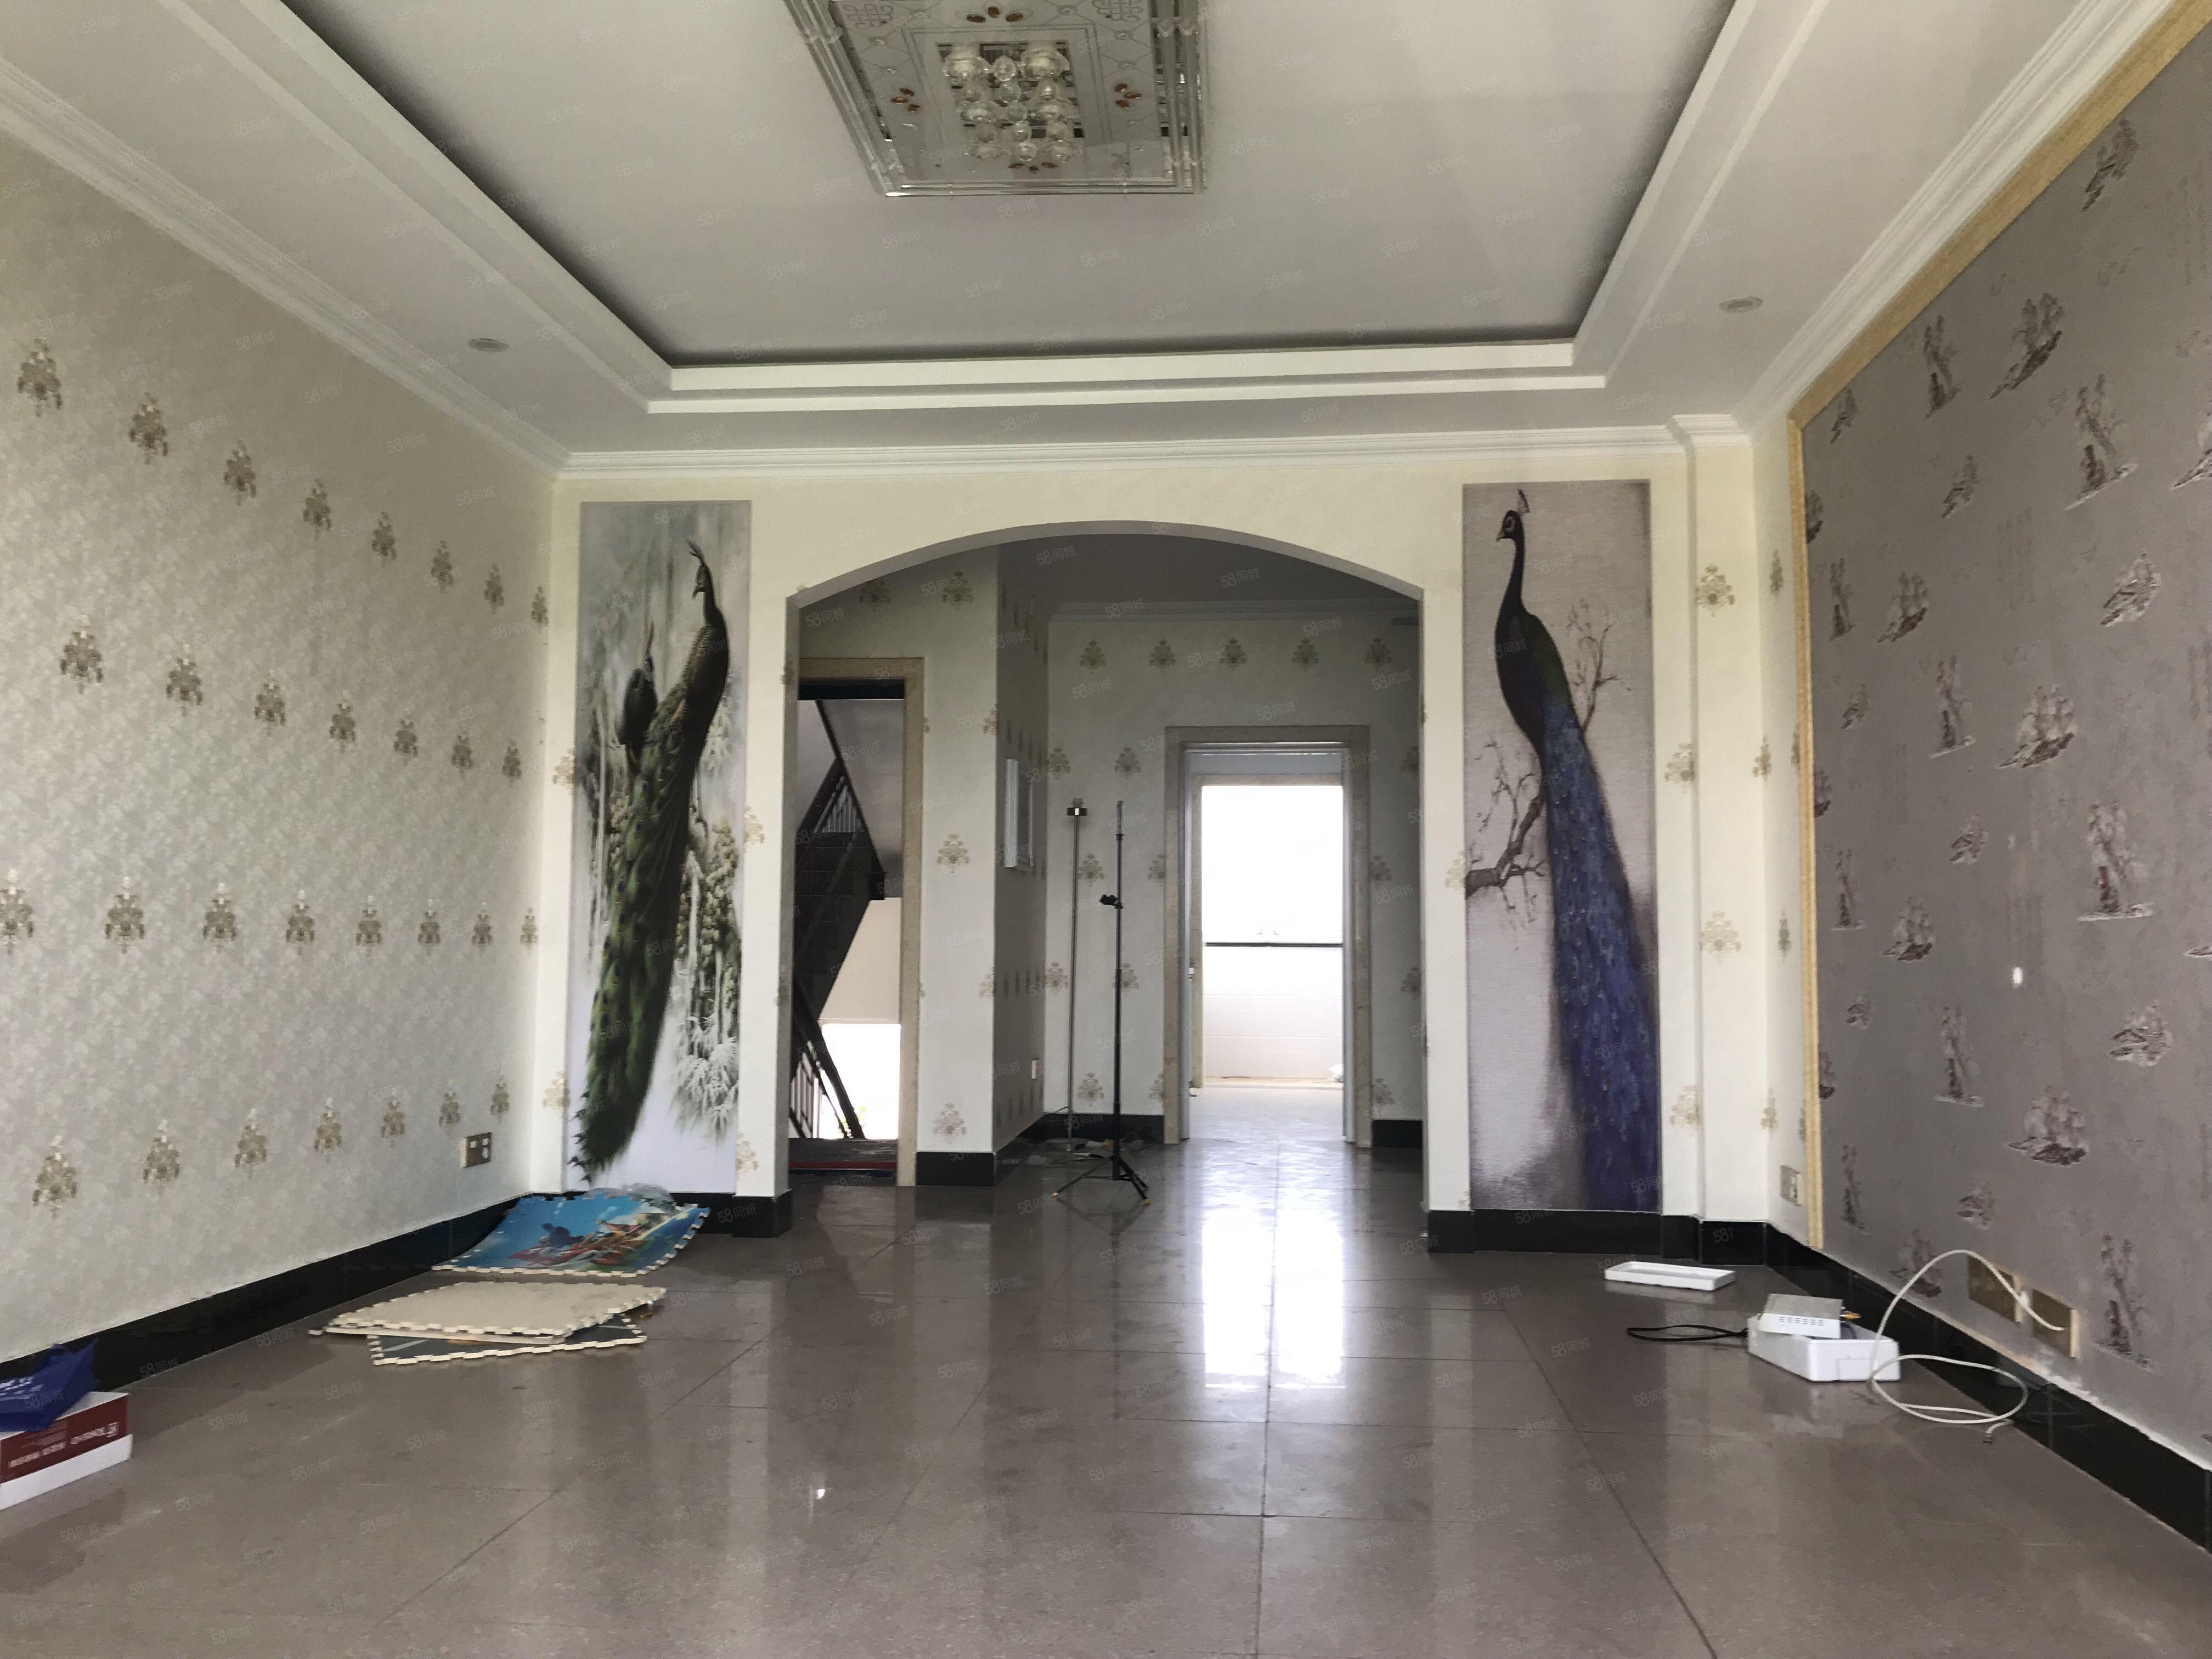 和煦苑4樓,一中宿舍邊上,已裝修,3室2廳1衛,院內停車方便